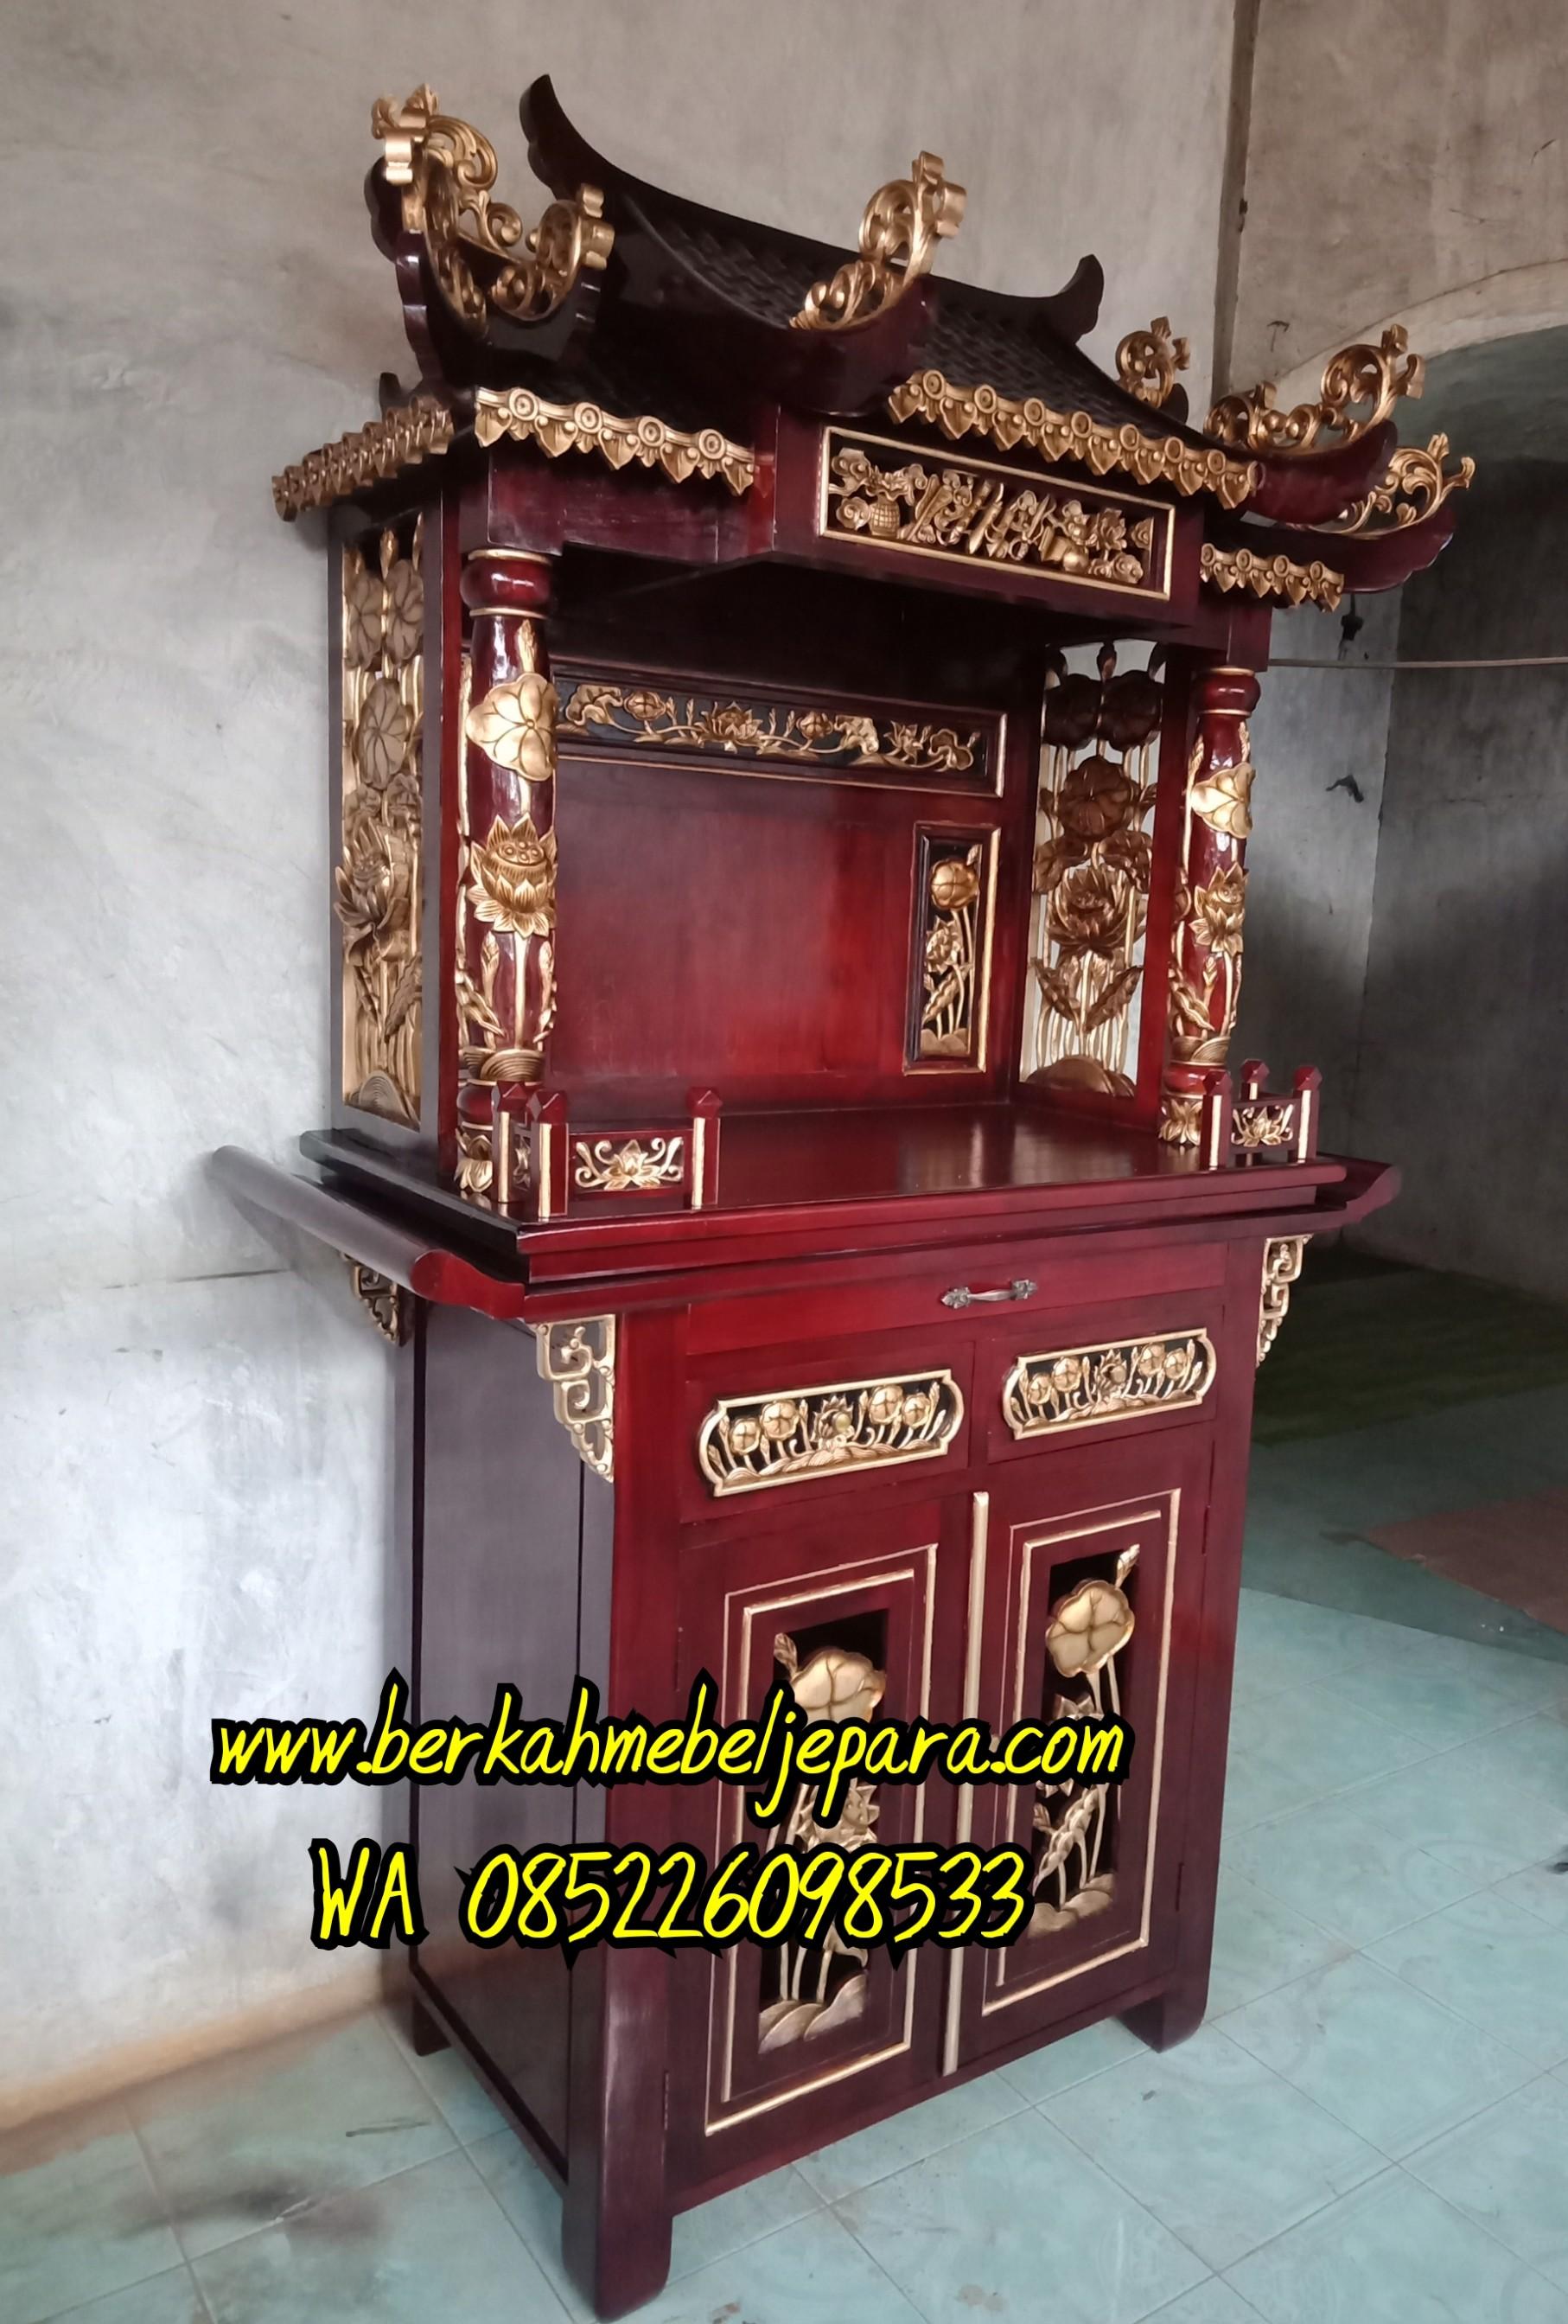 Gambar Meja Altar Sembahyang China